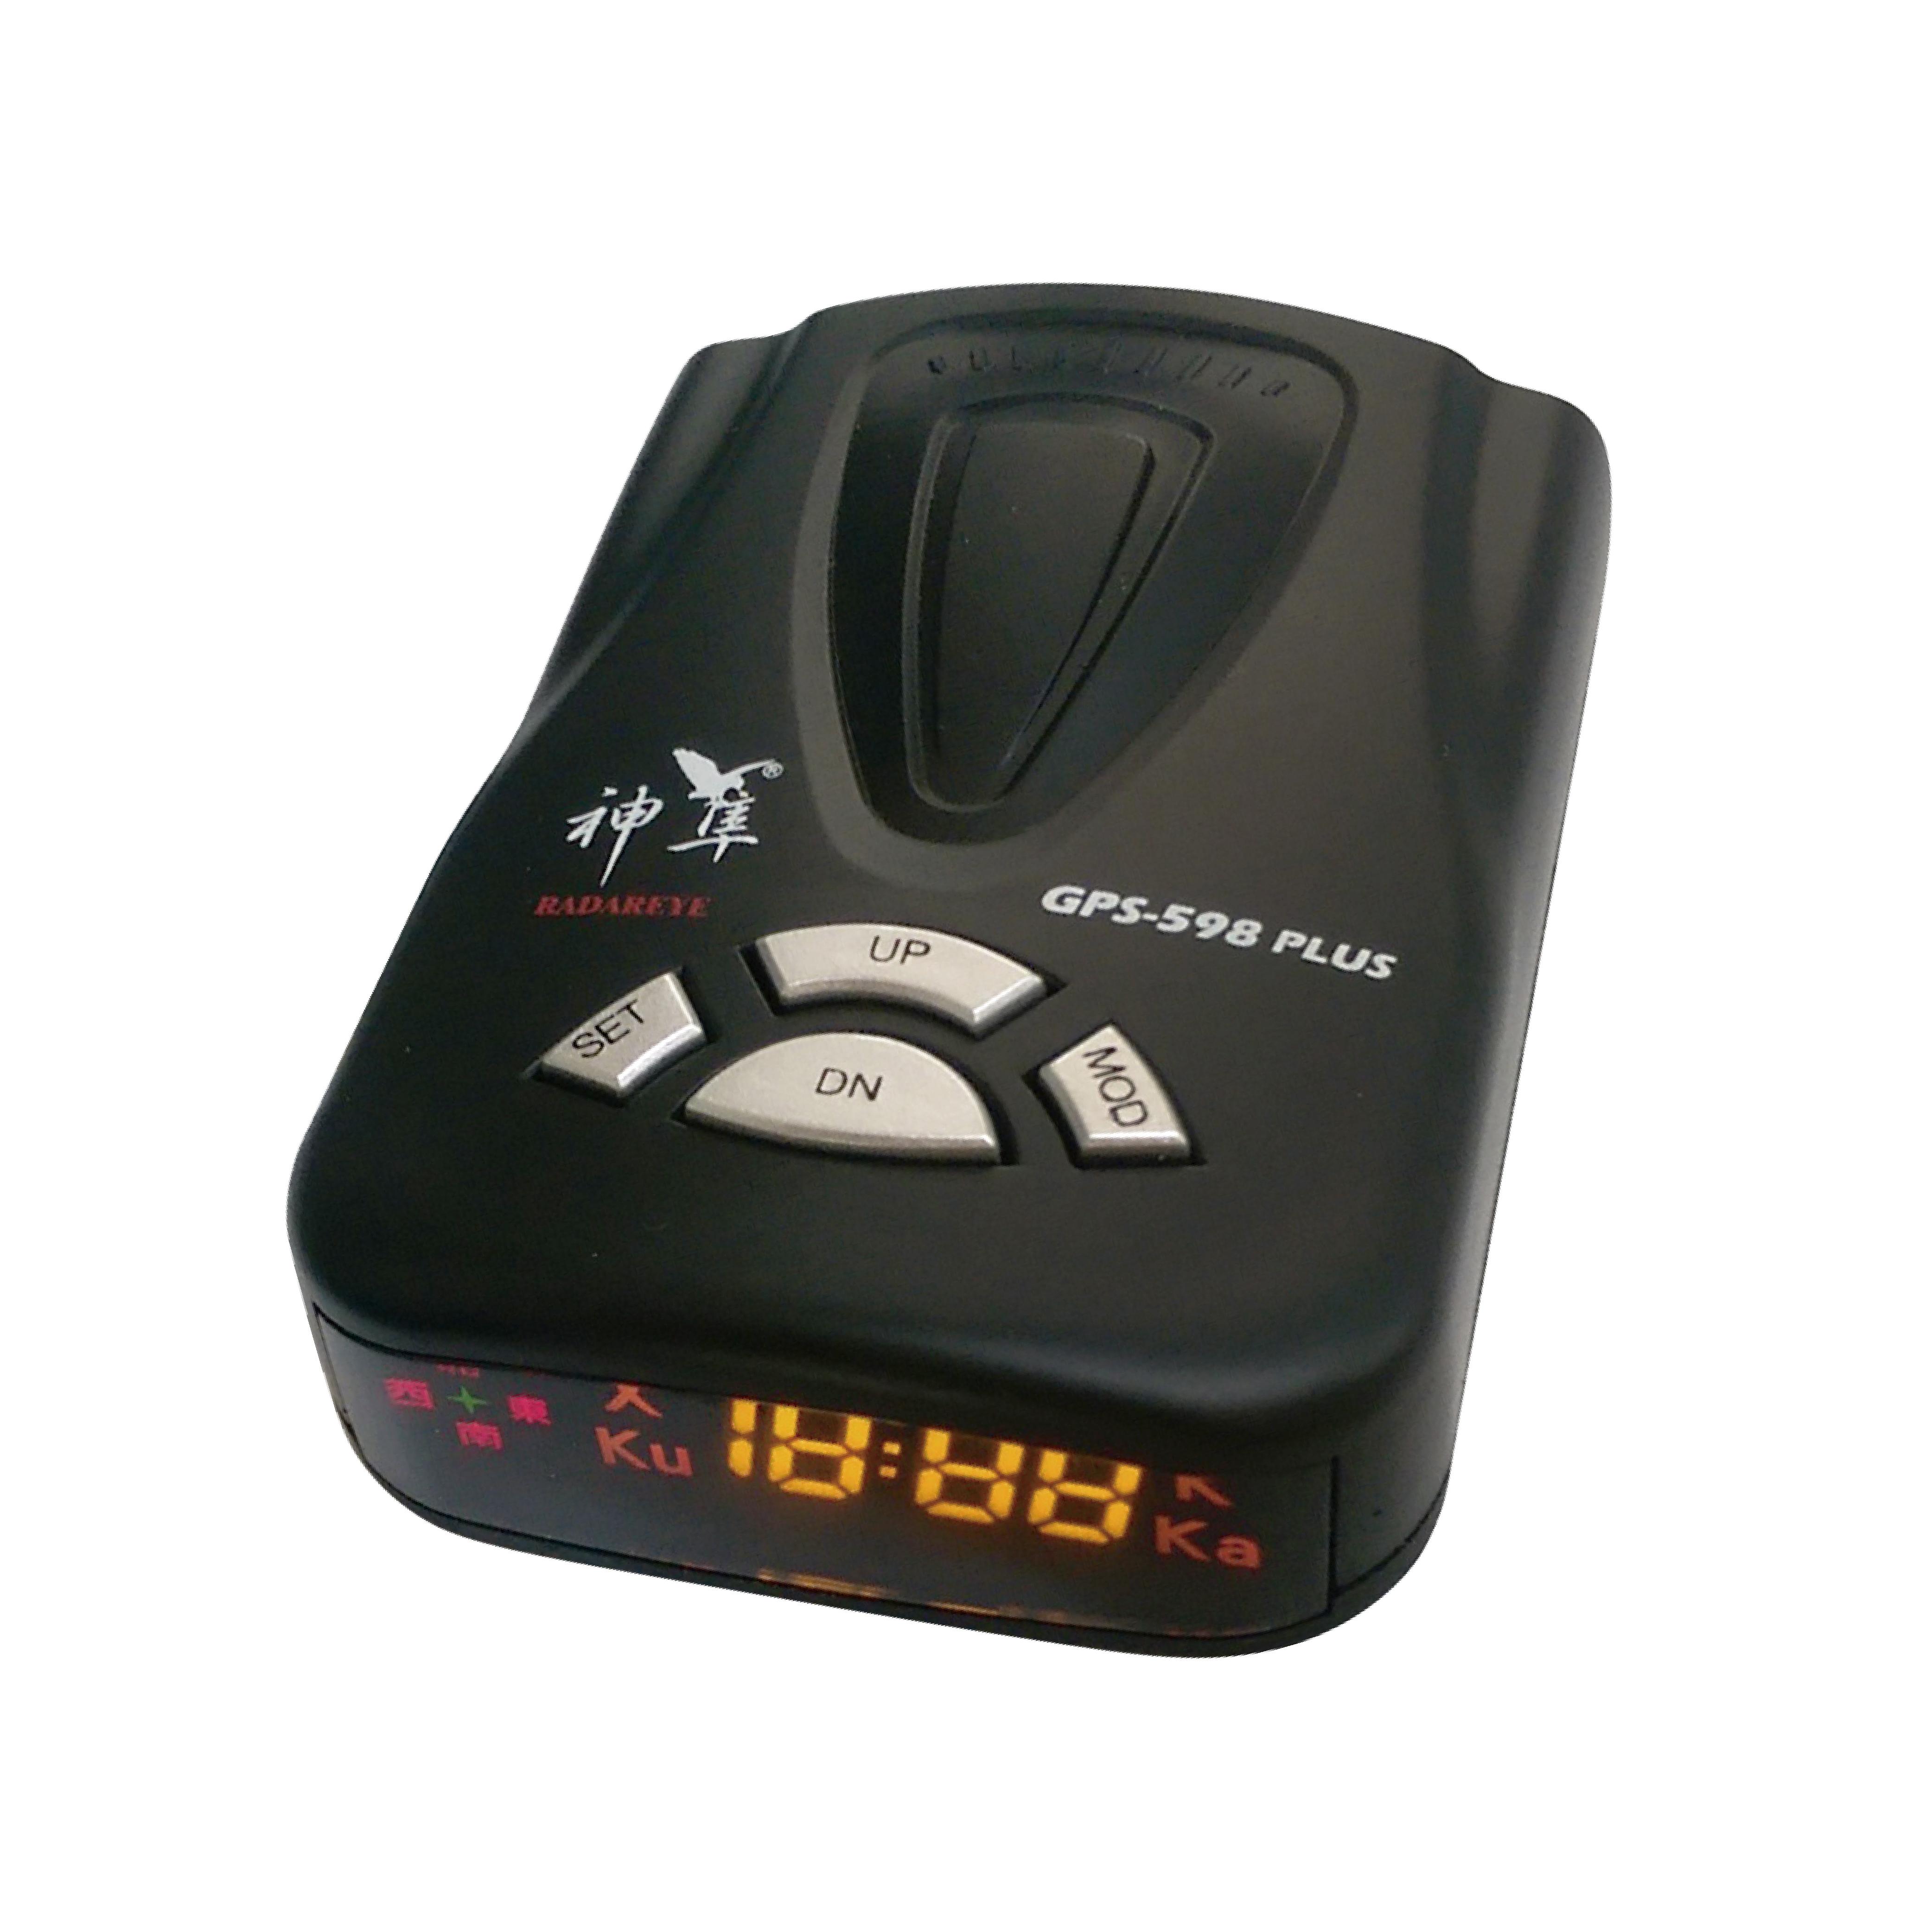 神隼 GPS598-Plus (單GPS)